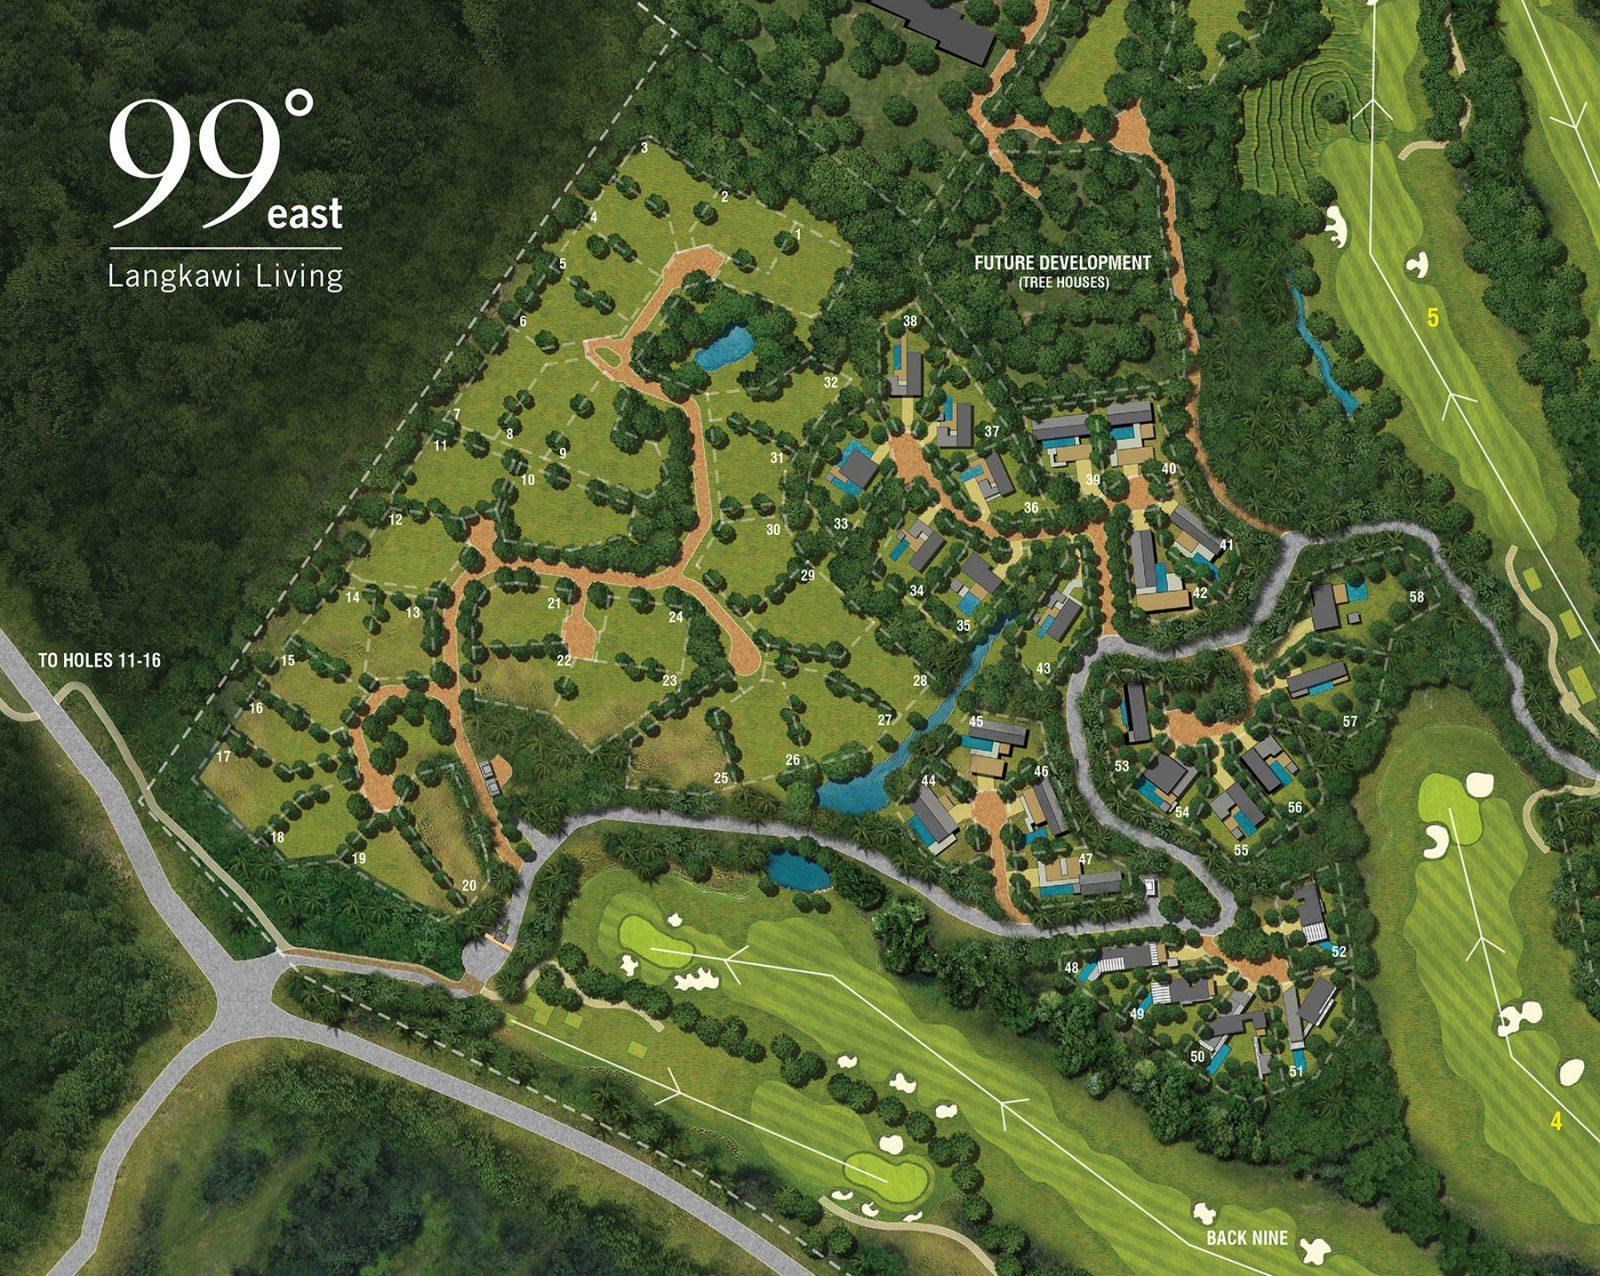 2. Forest Village masterplan at 99º